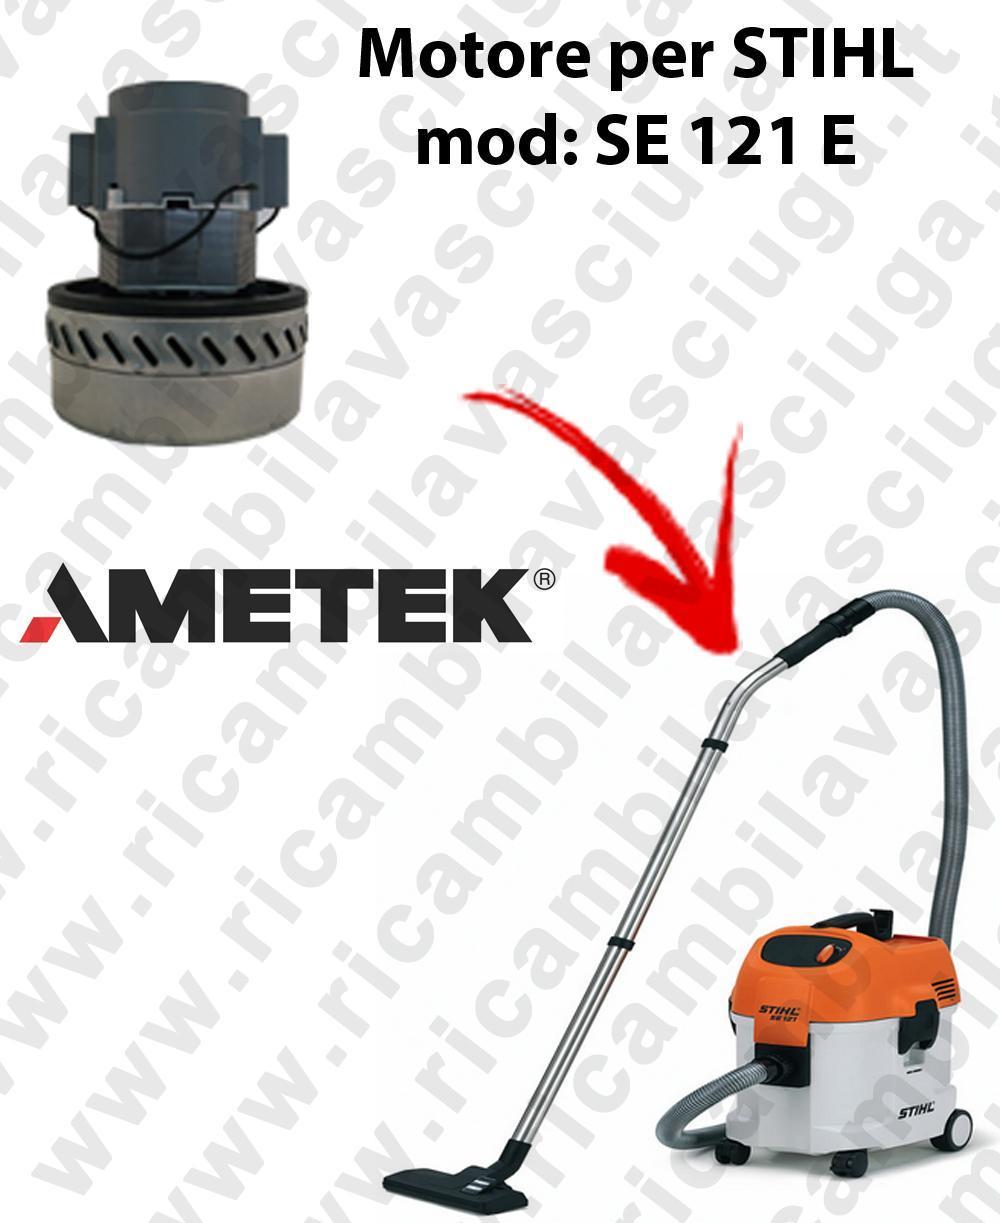 SE 121 ünd Saugmotor AMETEK für Staubsauger STIHL